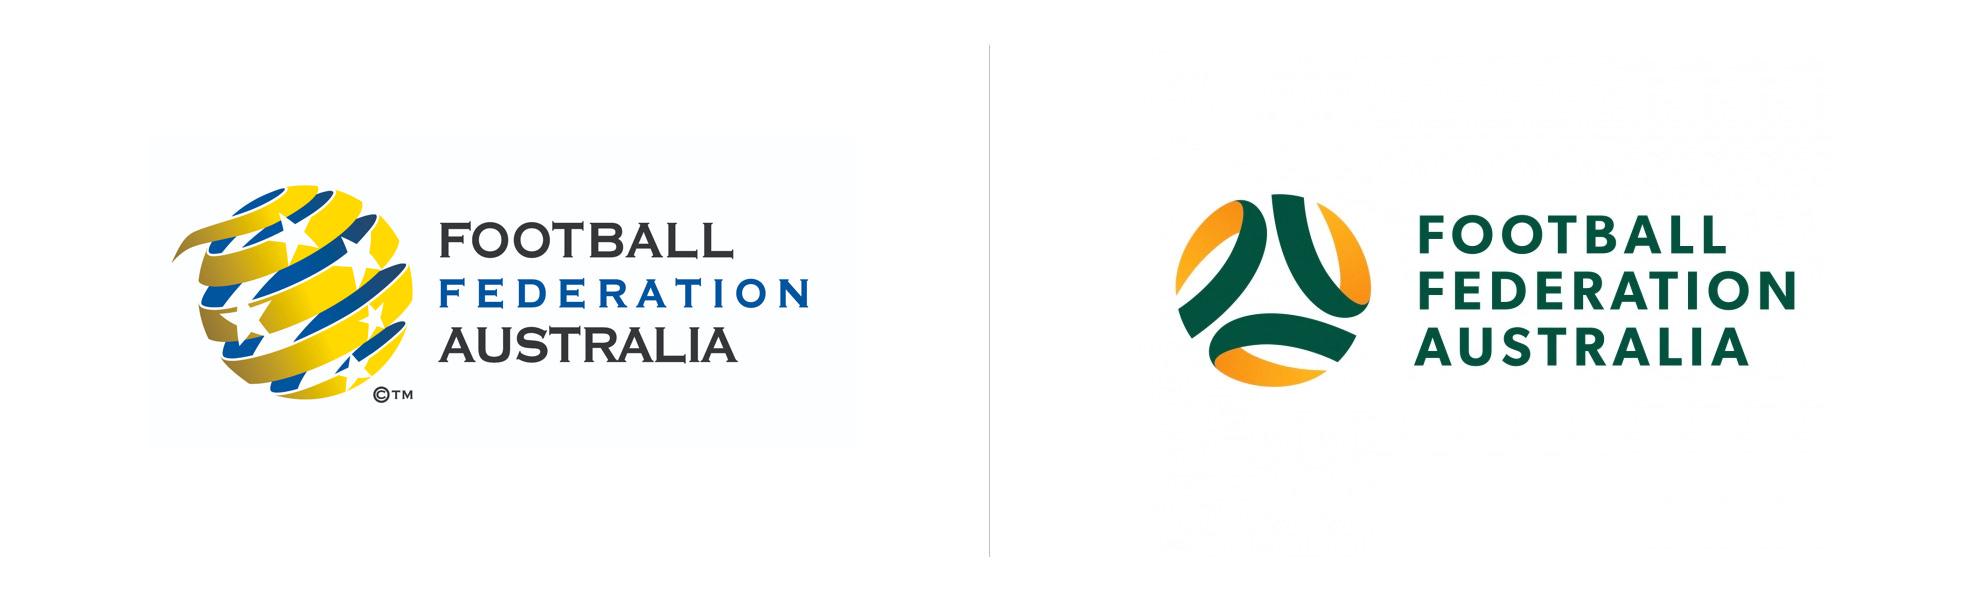 nowe logo futbolowej federacji australii